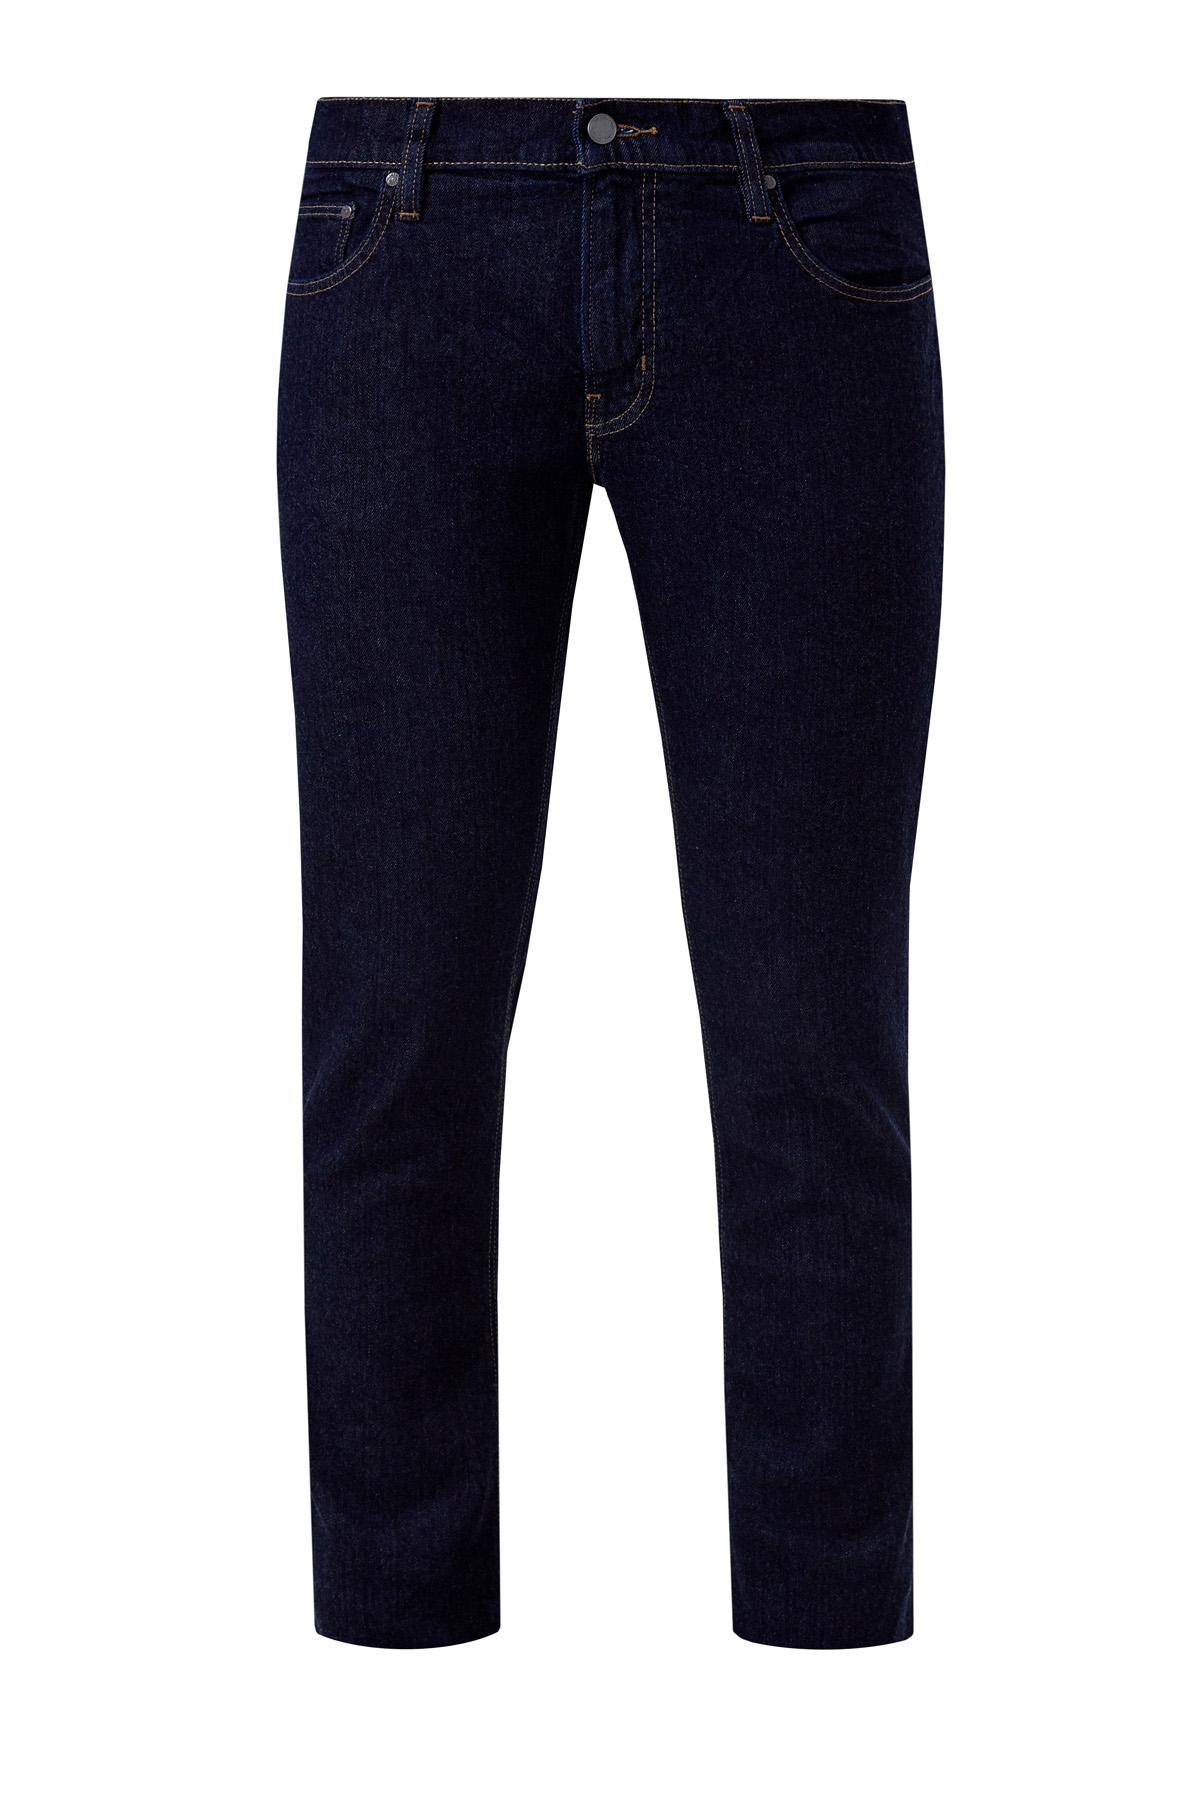 Хлопковые джинсы-slim оттенка индиго фото